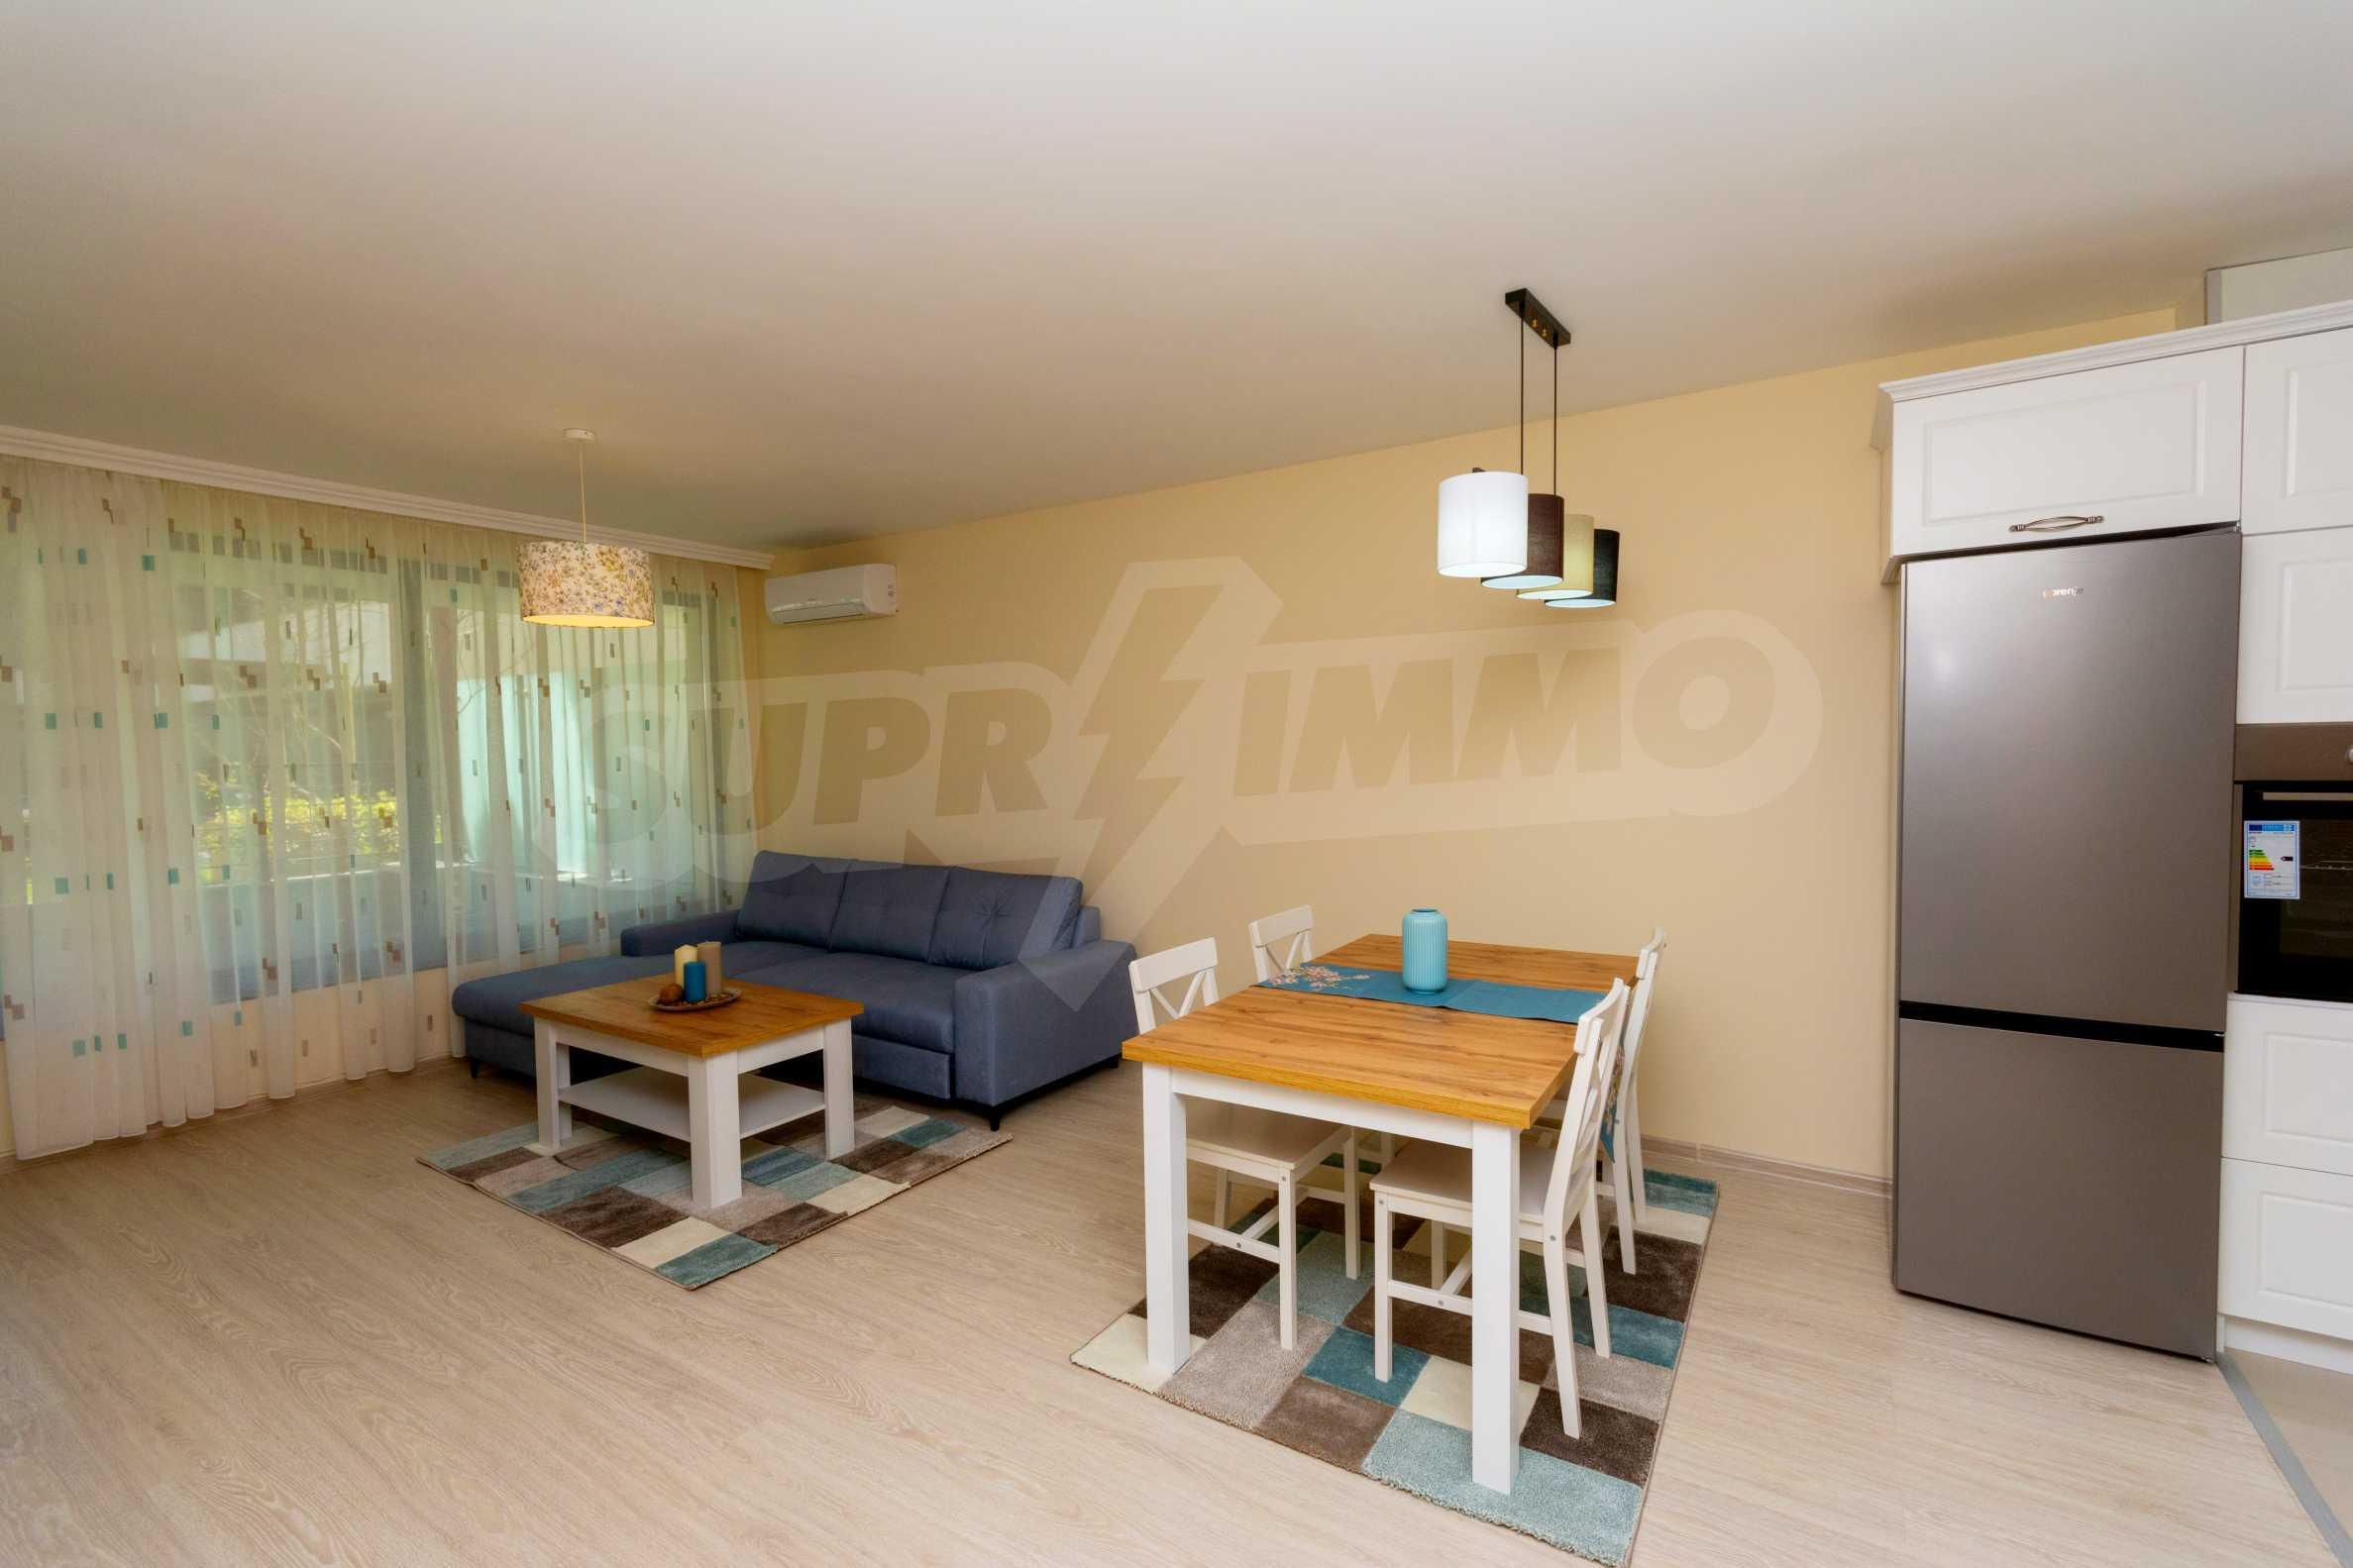 Двустаен апартамент в луксозна жилищна сграда на комуникативна локация в гр.Пловдив 2